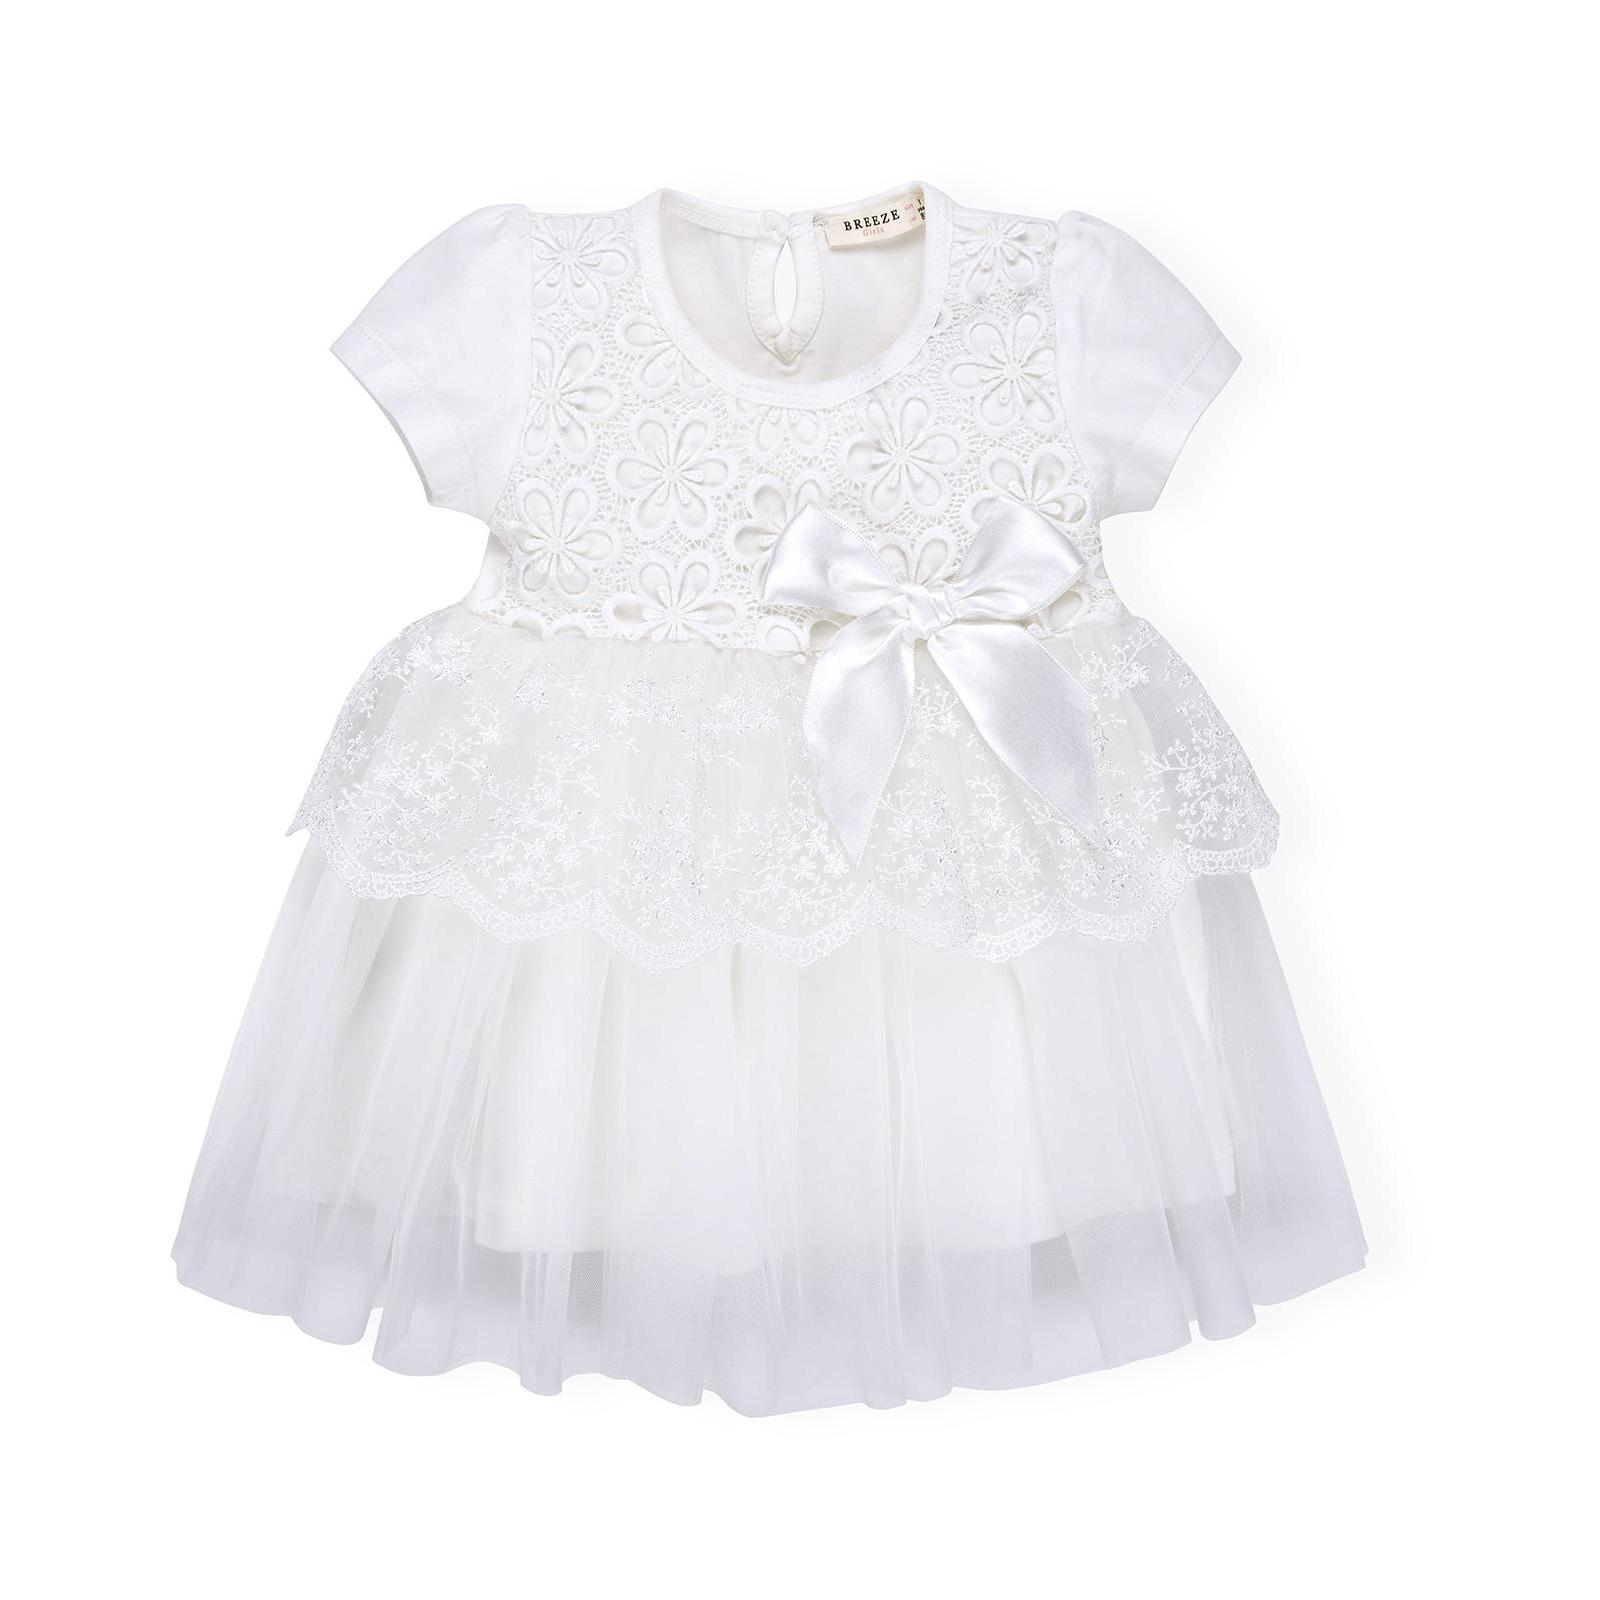 Платье Breeze кружевное с оборками (9011-86G-cream)